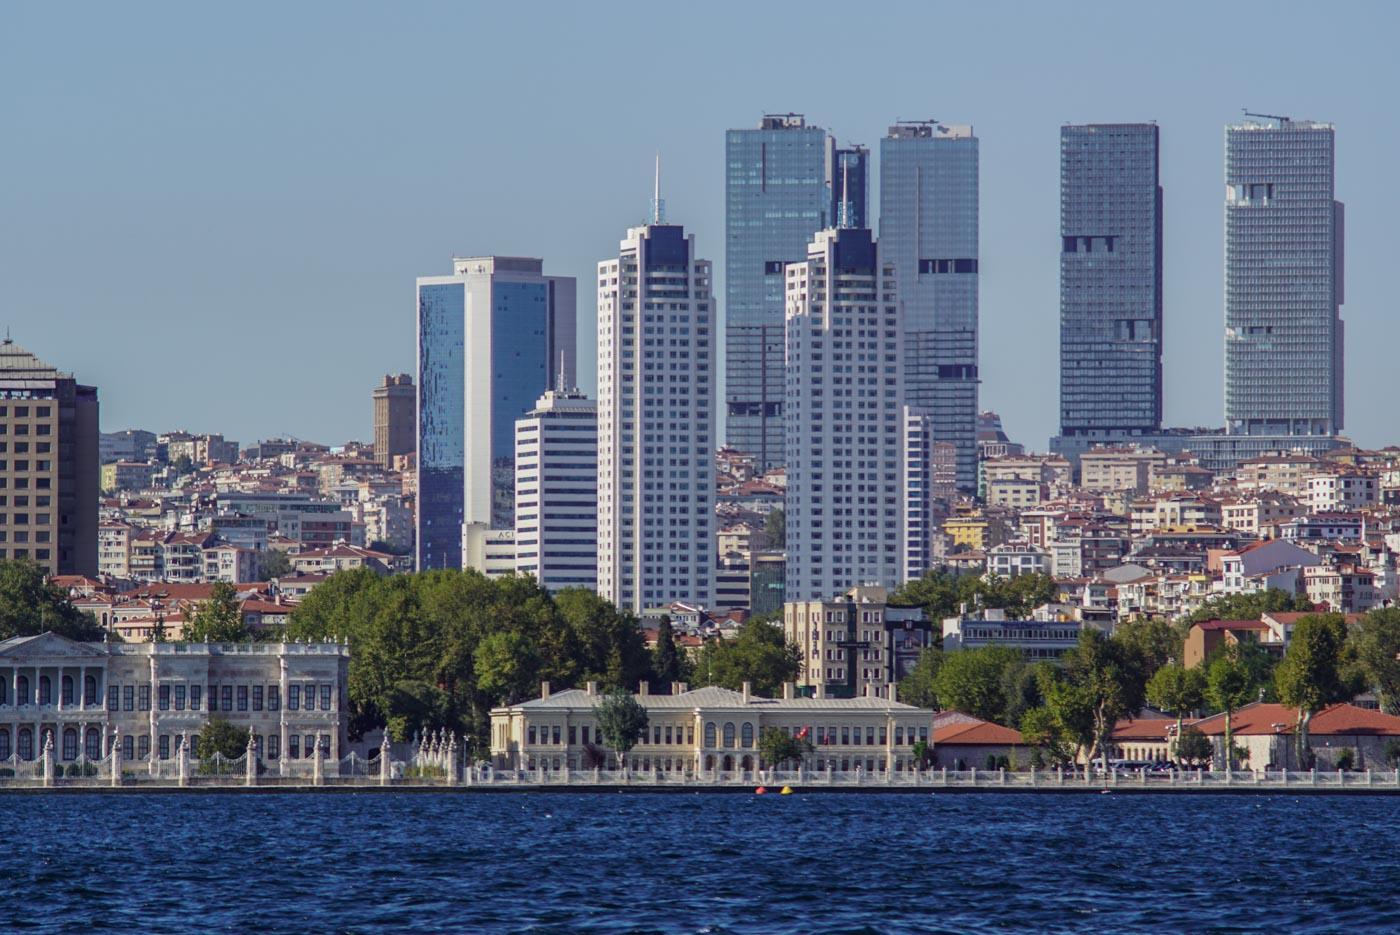 Blick vom Bosporus aus auf die Westseite von Istanbul. In der ersten Reihe am Ufer stehen klassische Bauten dahinter erheben sich Wolkenkratzer und mehrstöckige Wohngebäude.